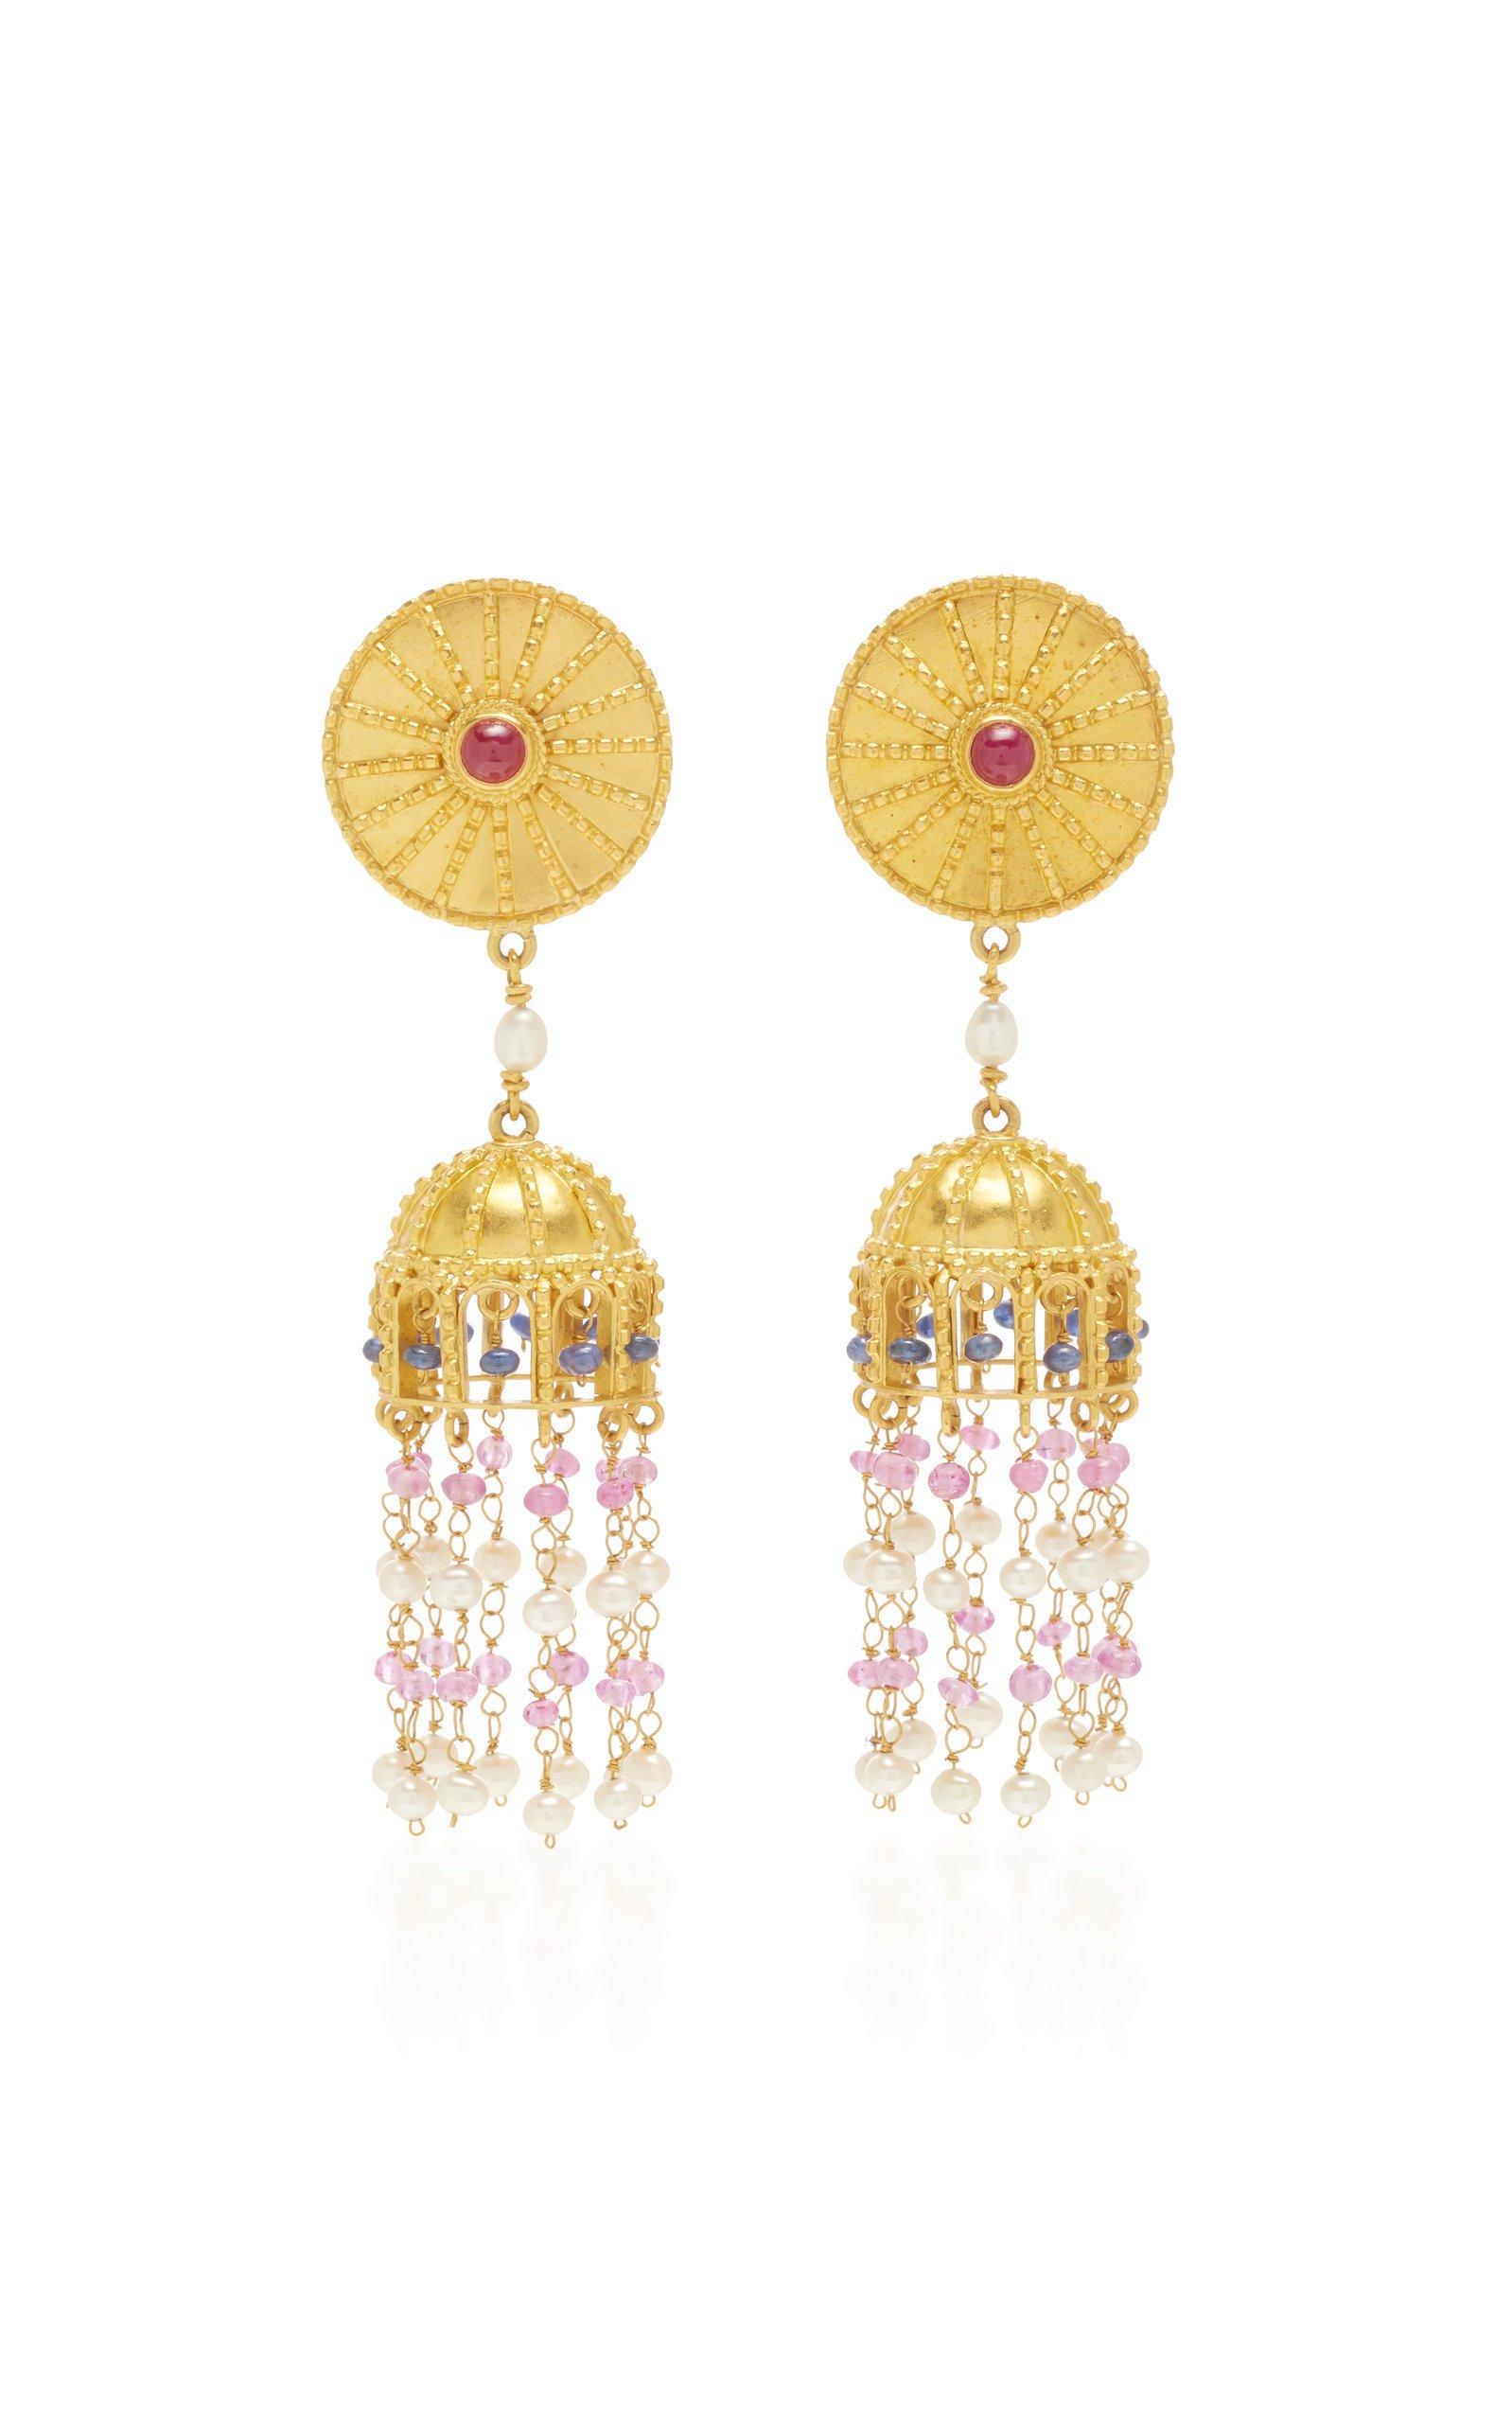 Ilias Lalaounis Multi- Stone Drop Earrings